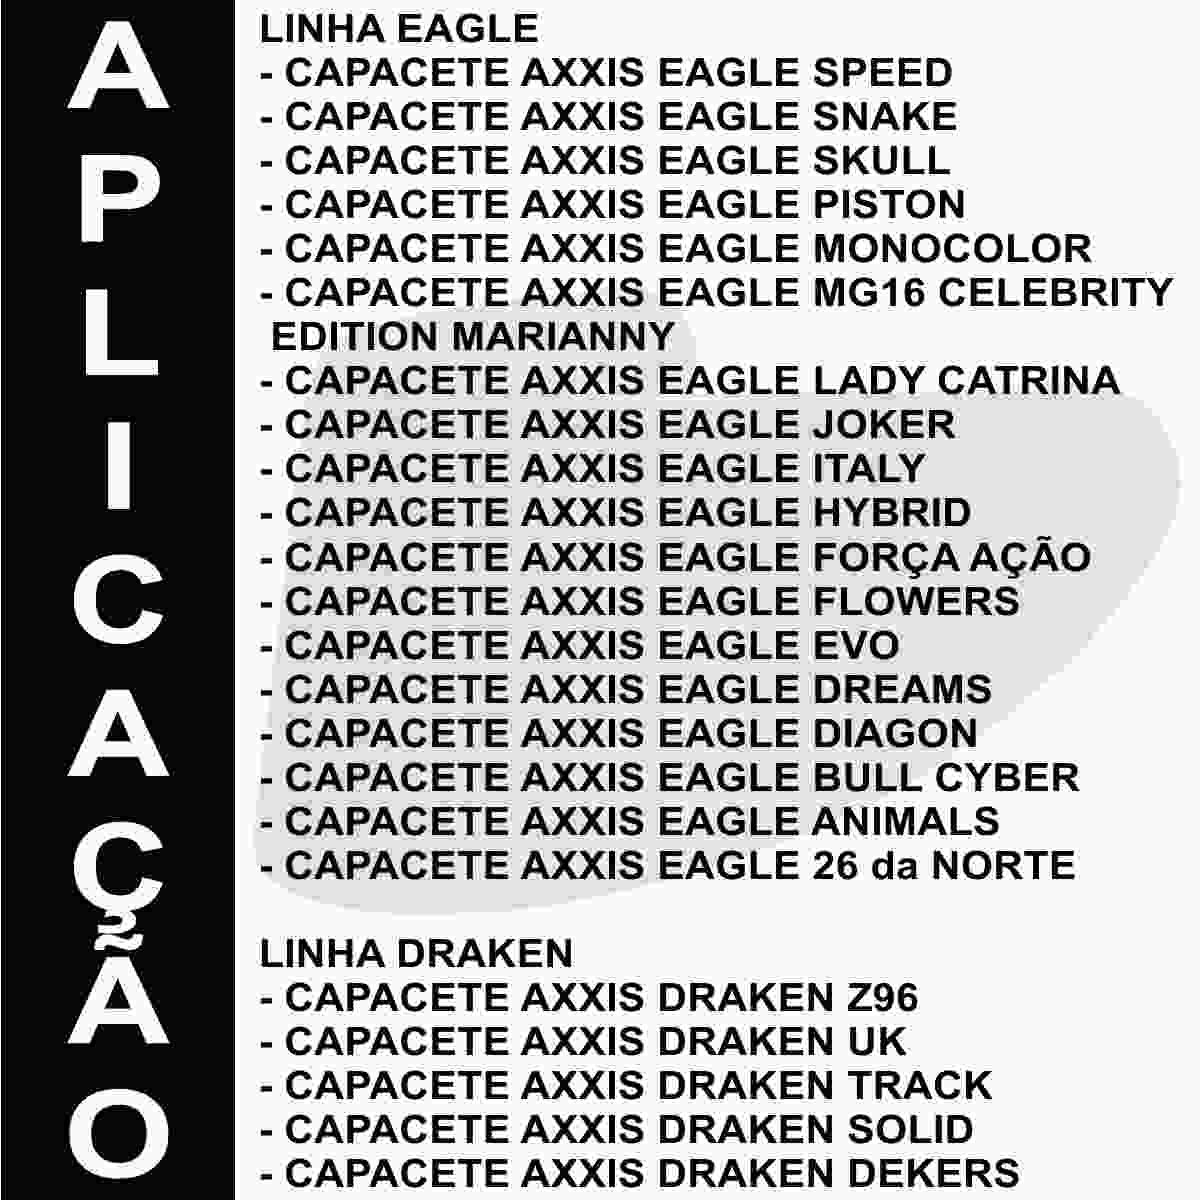 VISEIRA AXXIS EAGLE/DRAKEN DOURADA V18